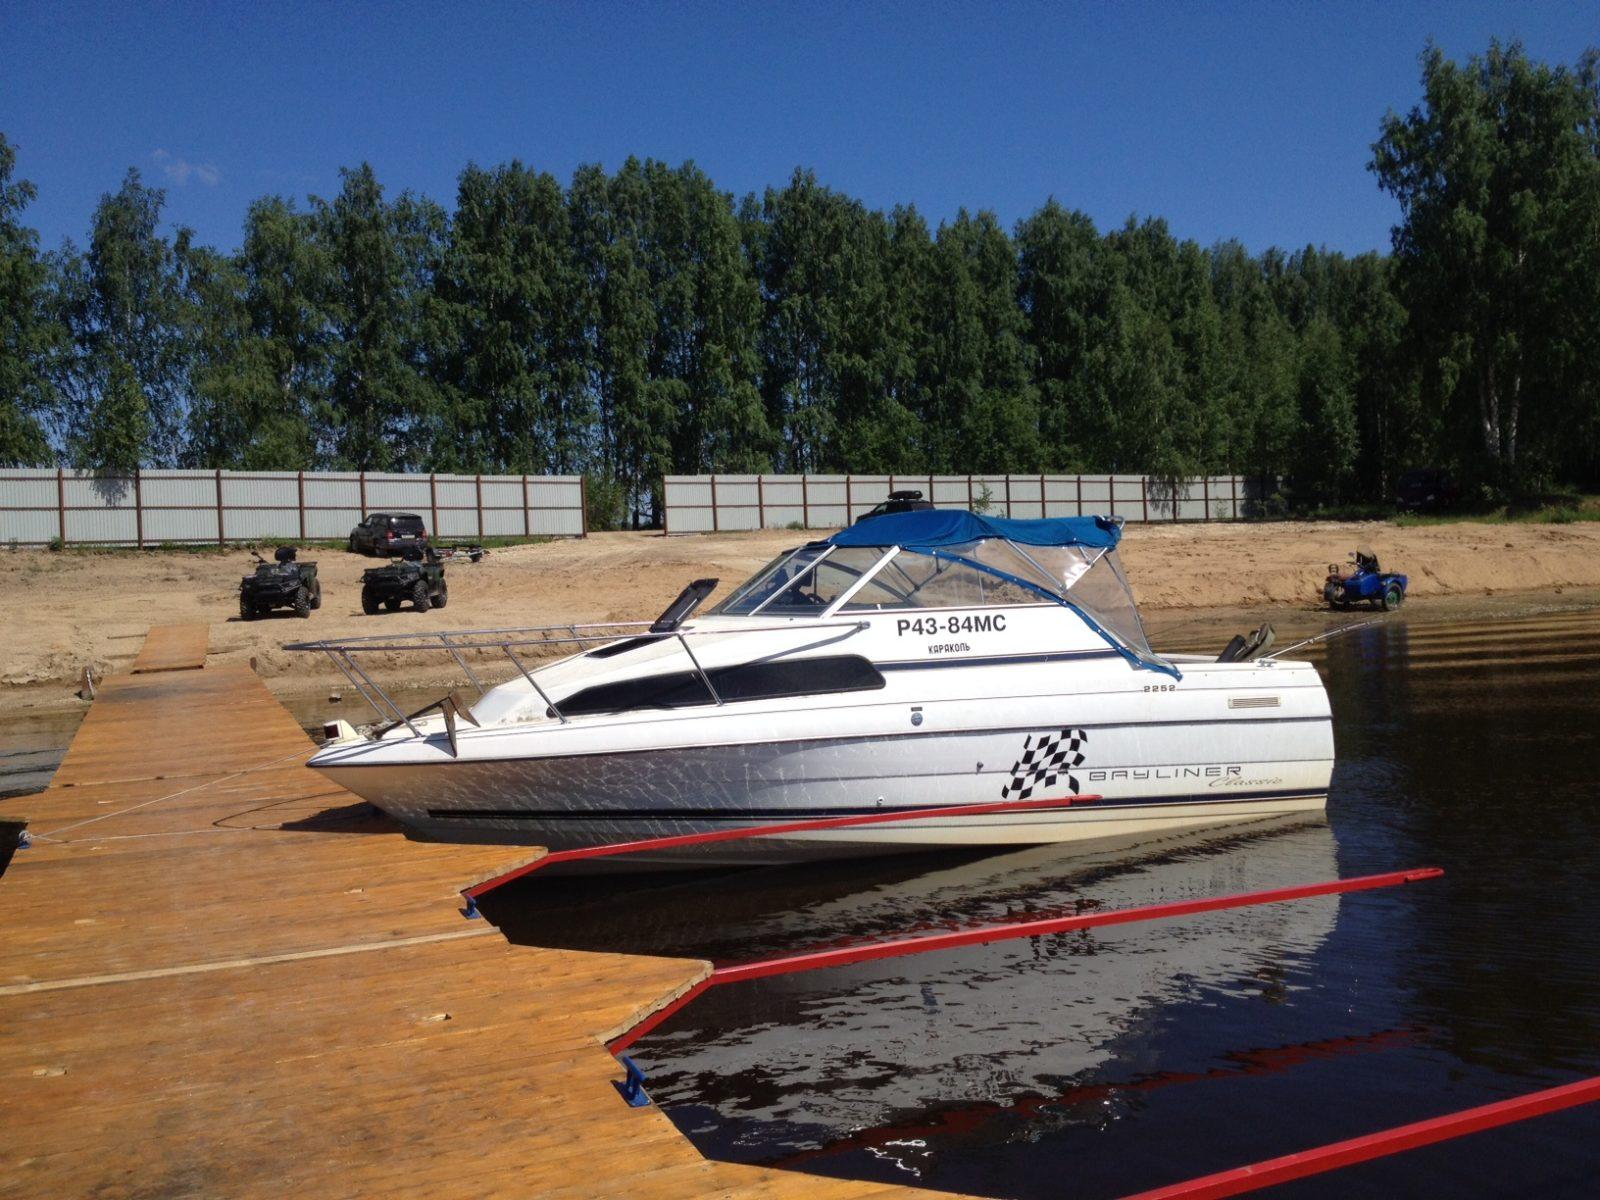 катер рыбалка охота и отдых рыболовная база Черкасово рыбинское водохранилище 2 - наш катер